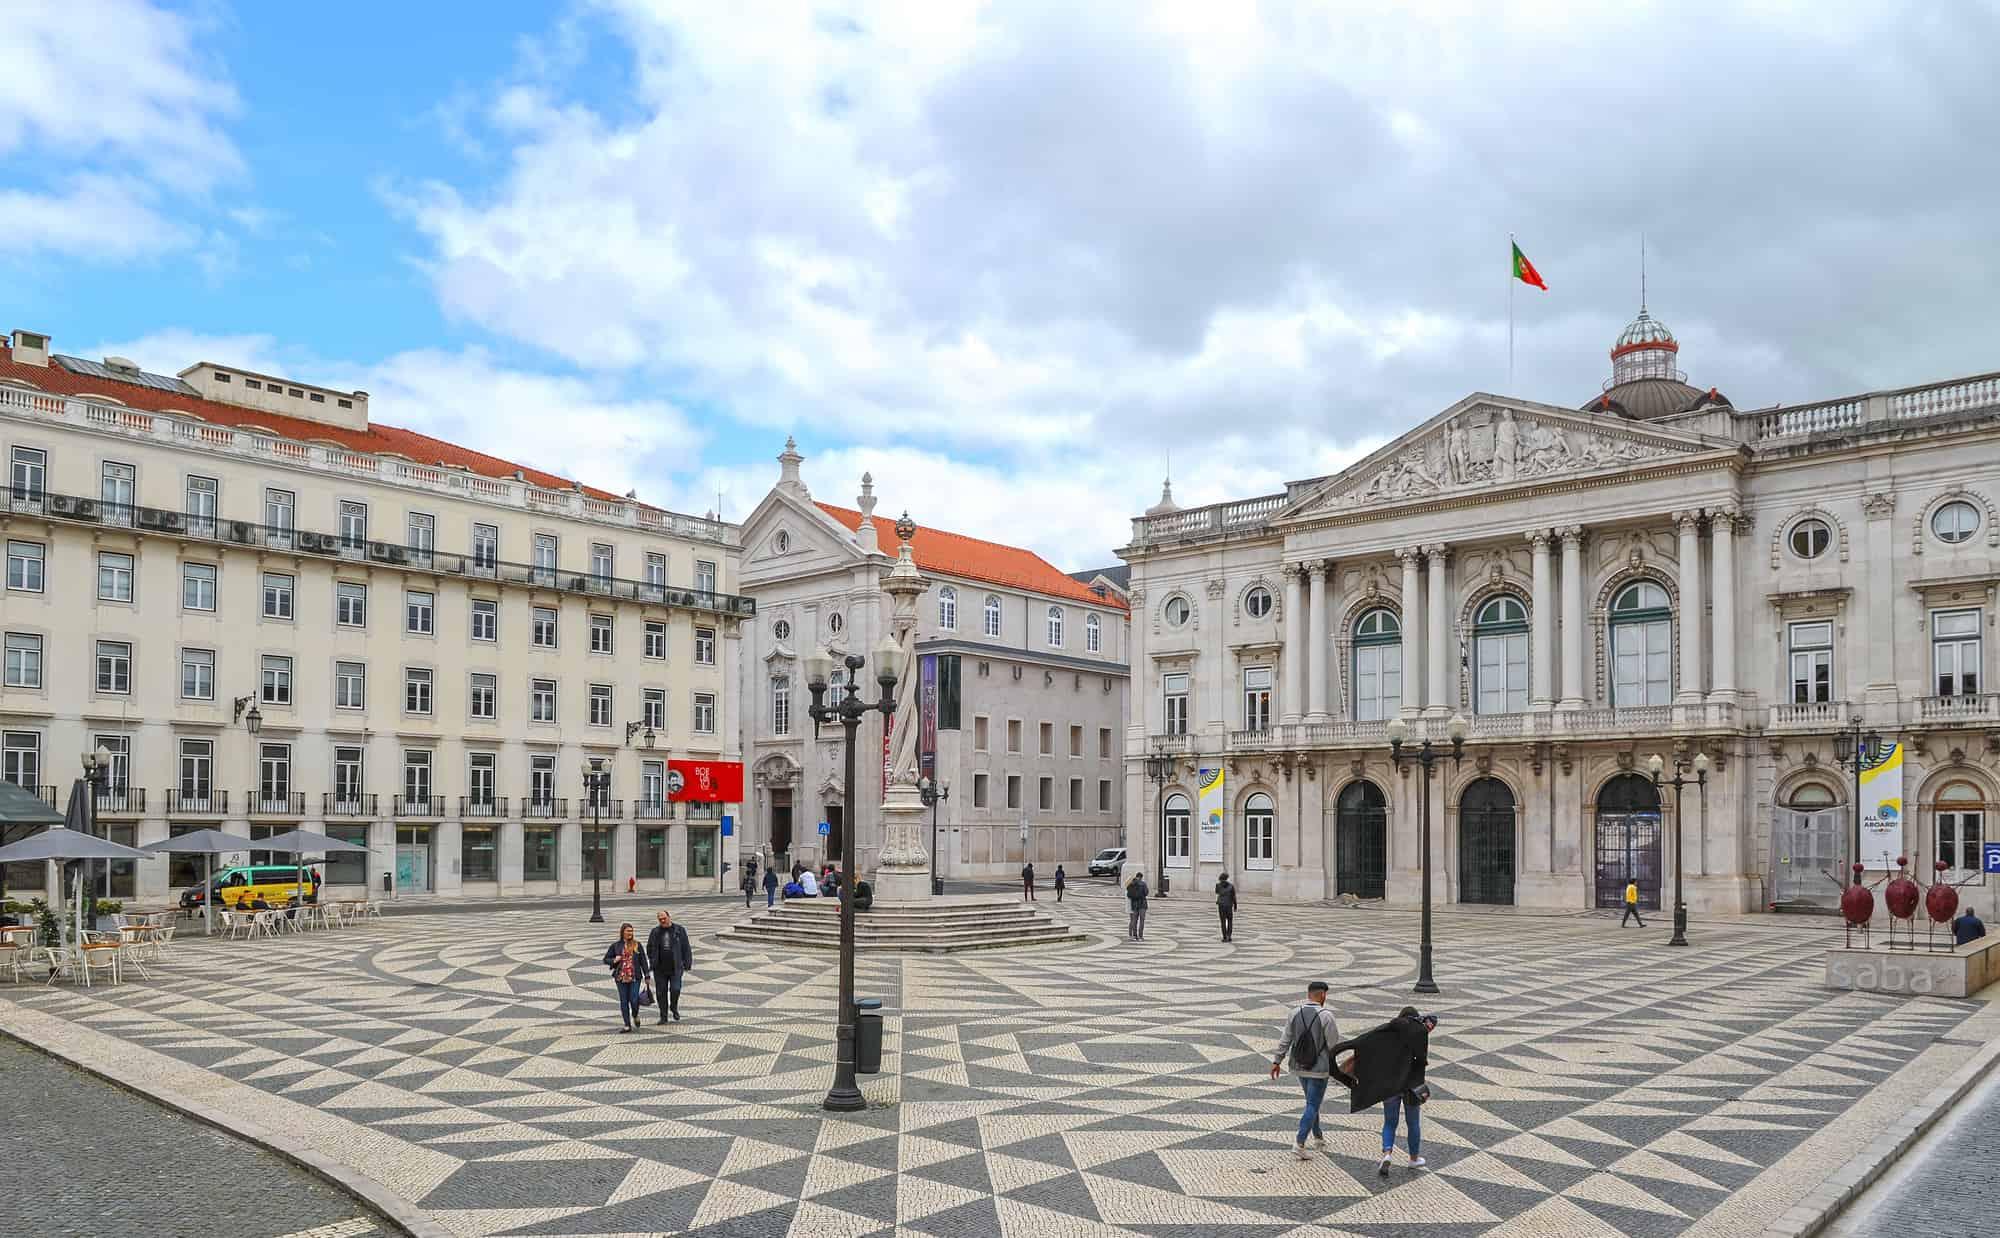 Praça do Município - plac miejski i ratusz w Lizbonie